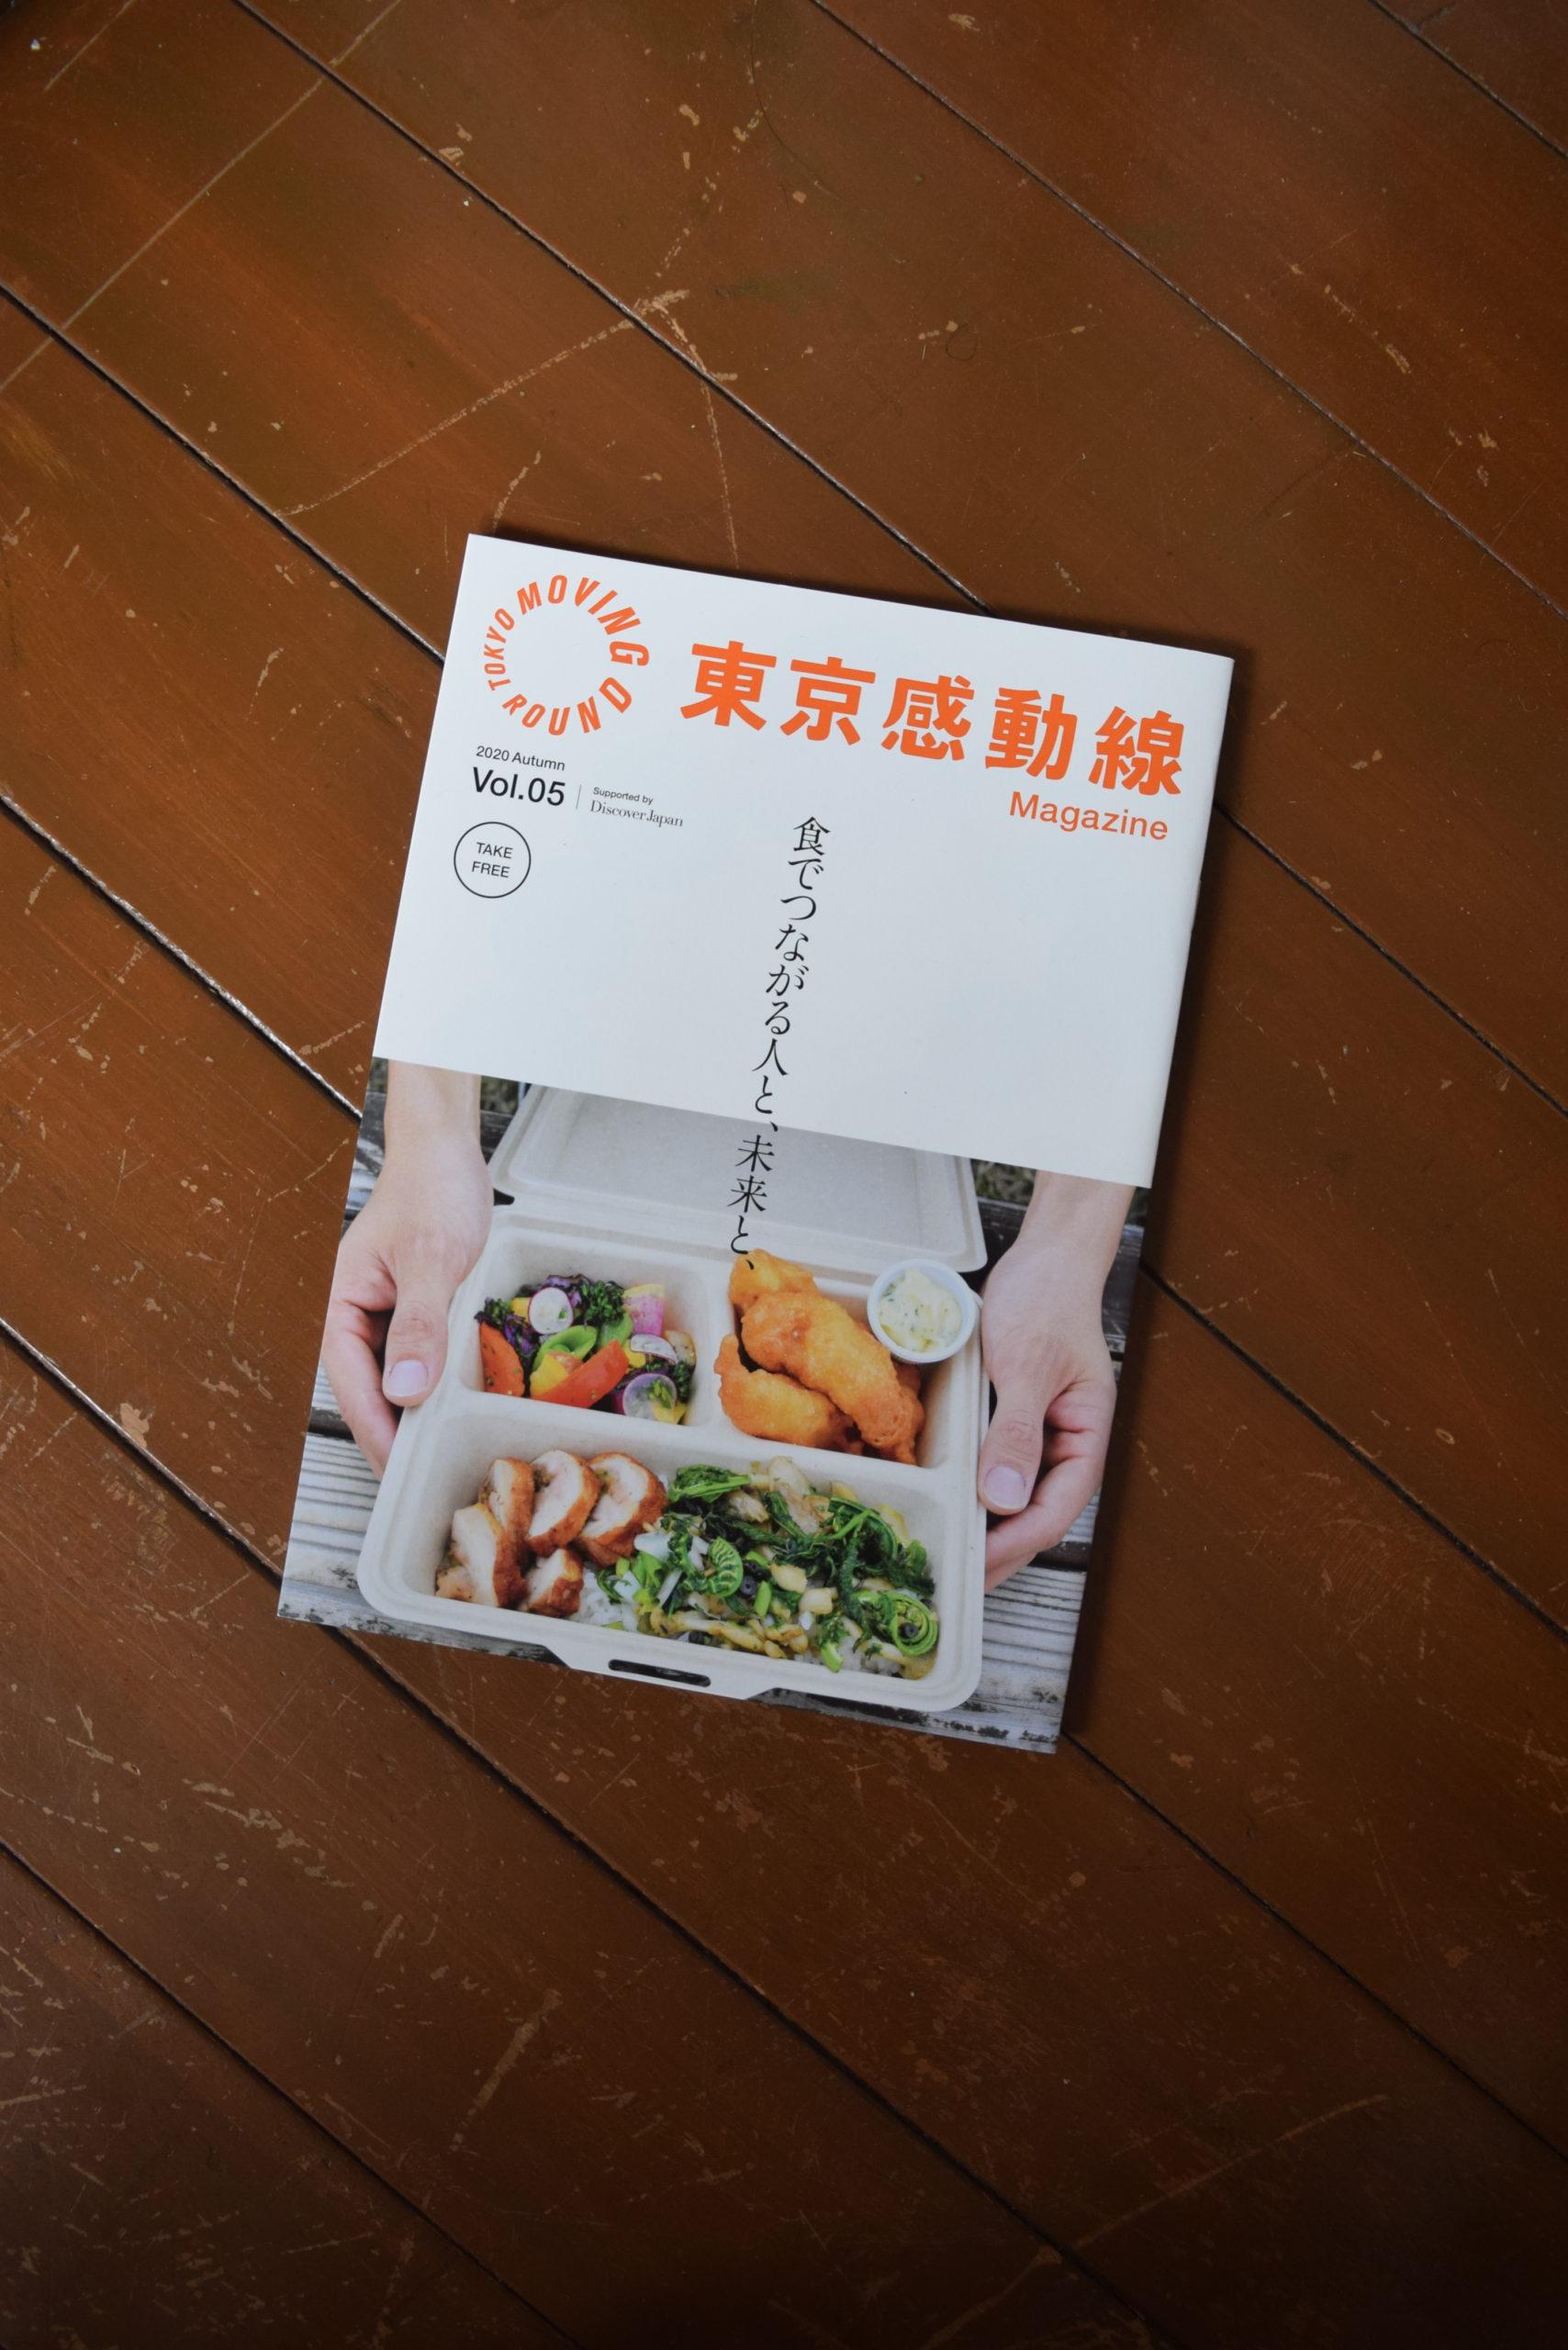 東京感動線 Vol.05 にてお話させていただいております。